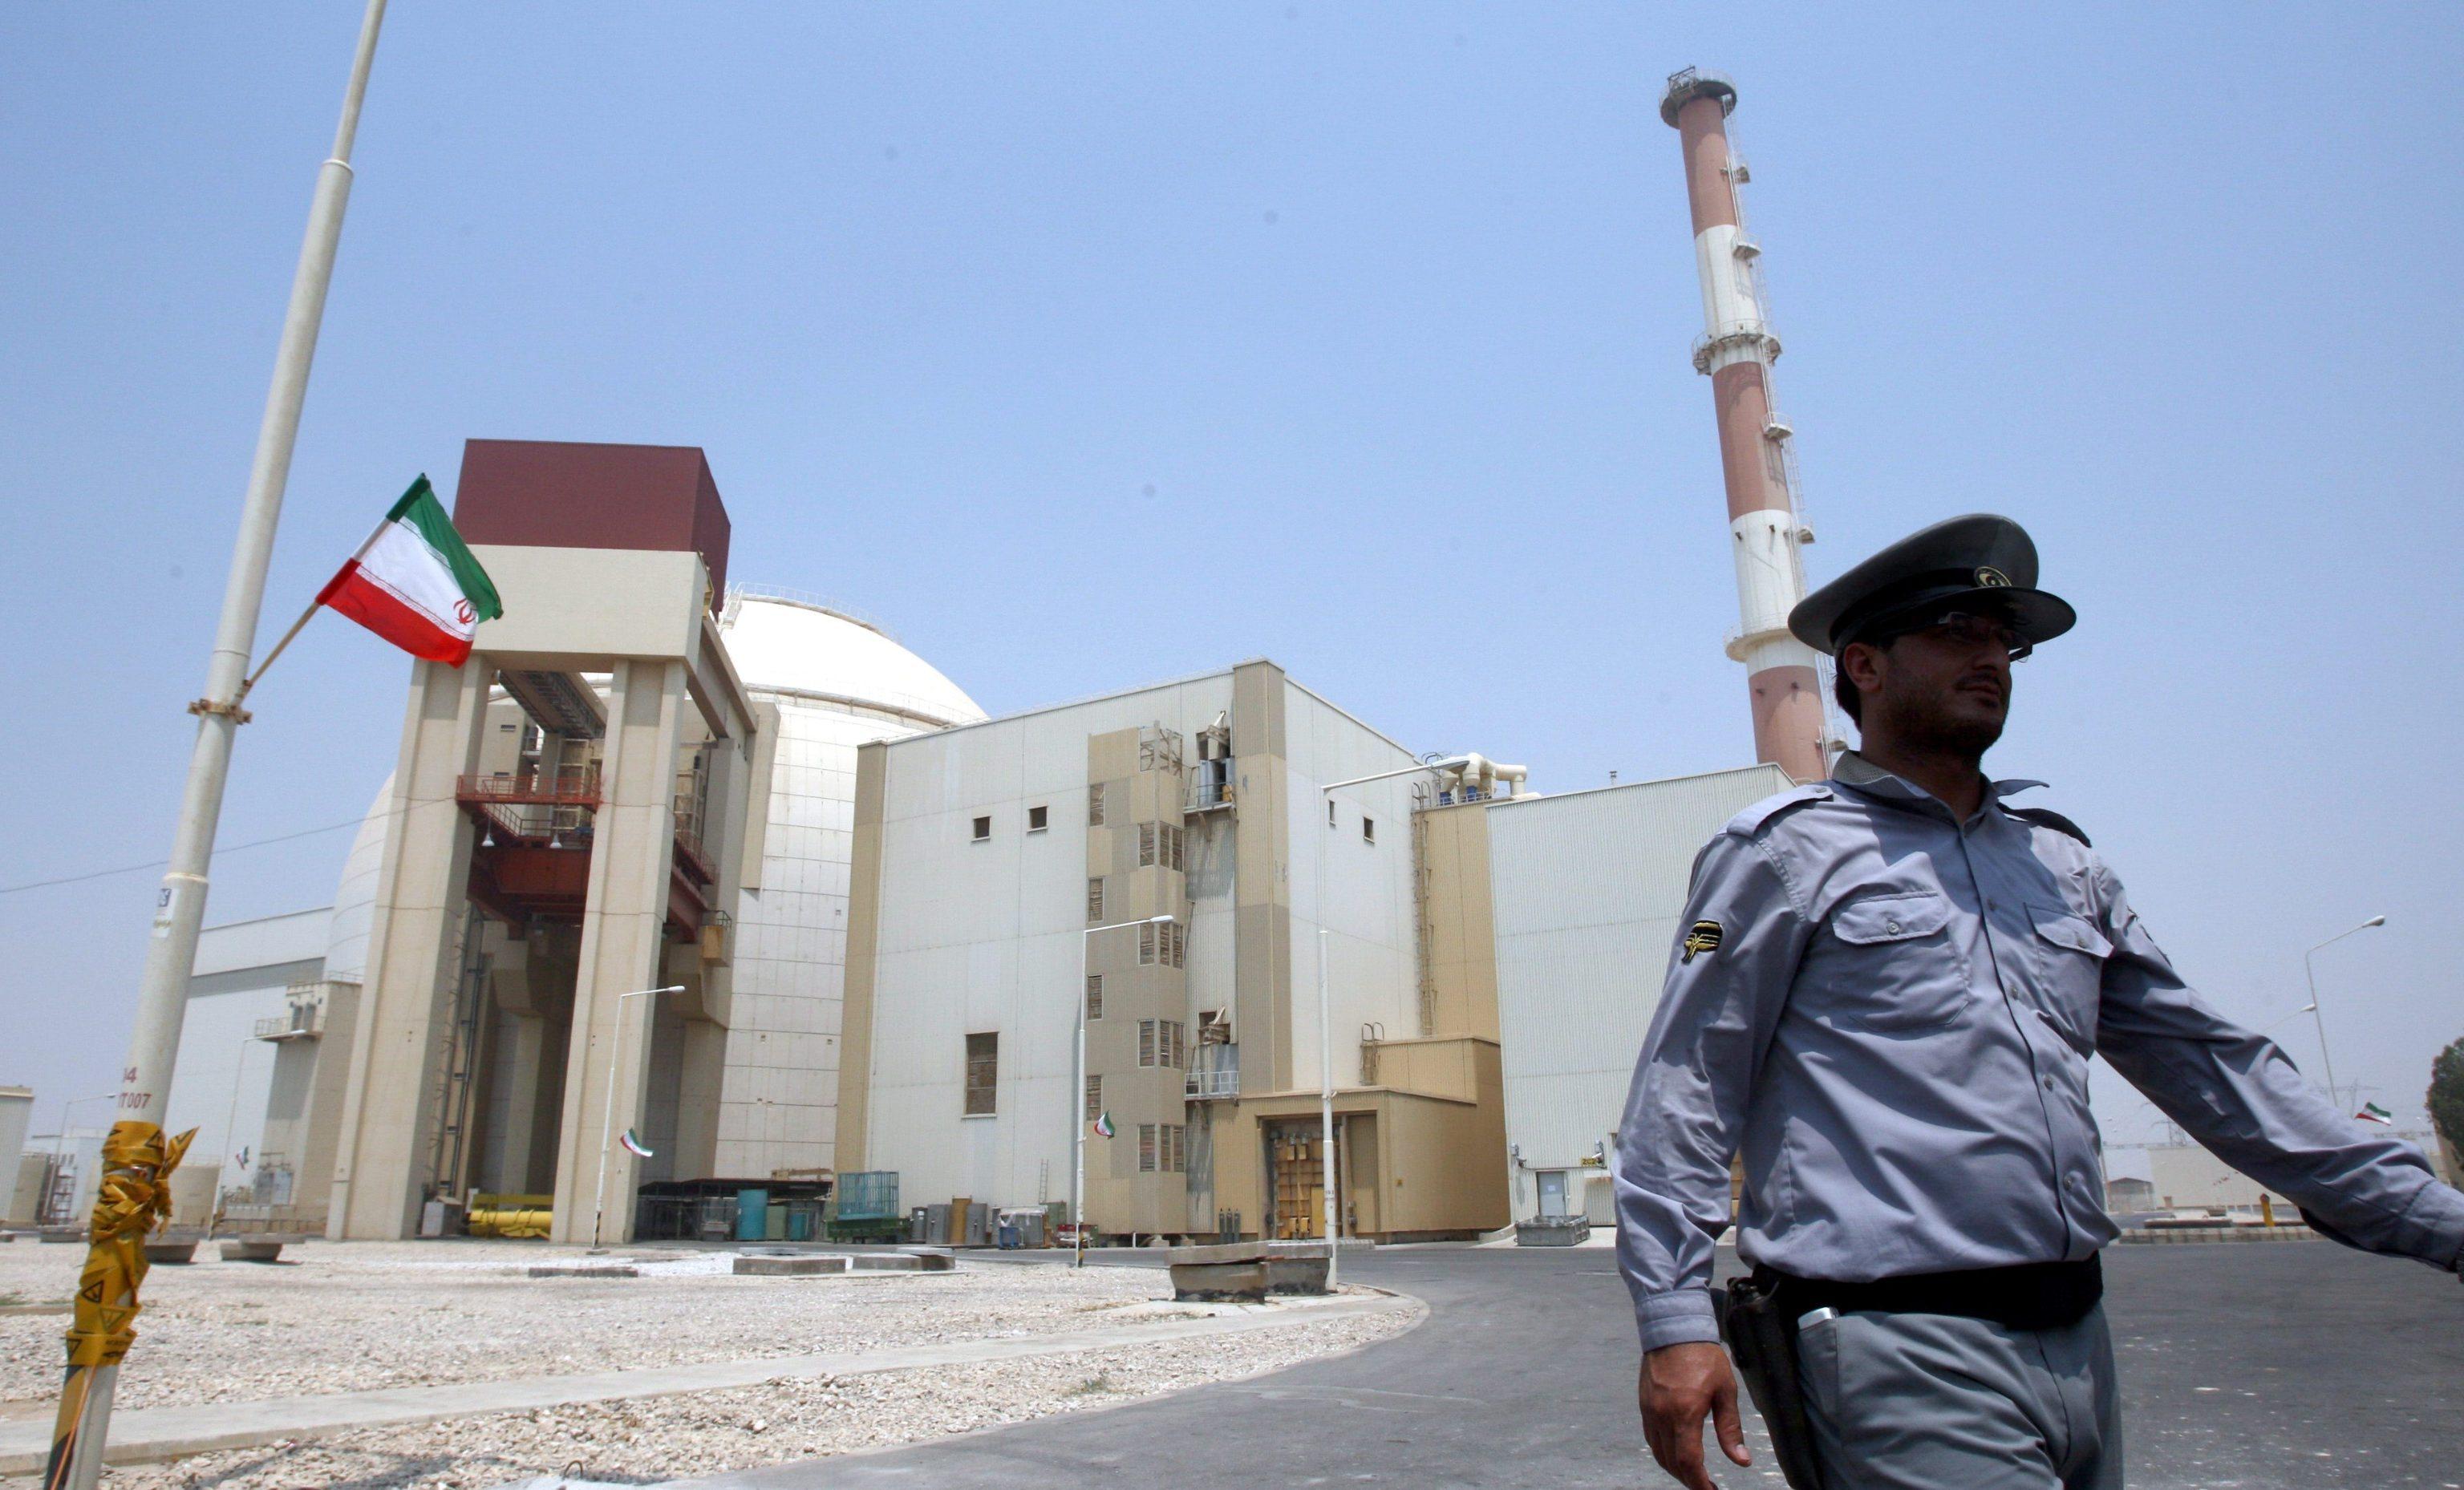 Onu, 'Iran non viola trattato nucleare'